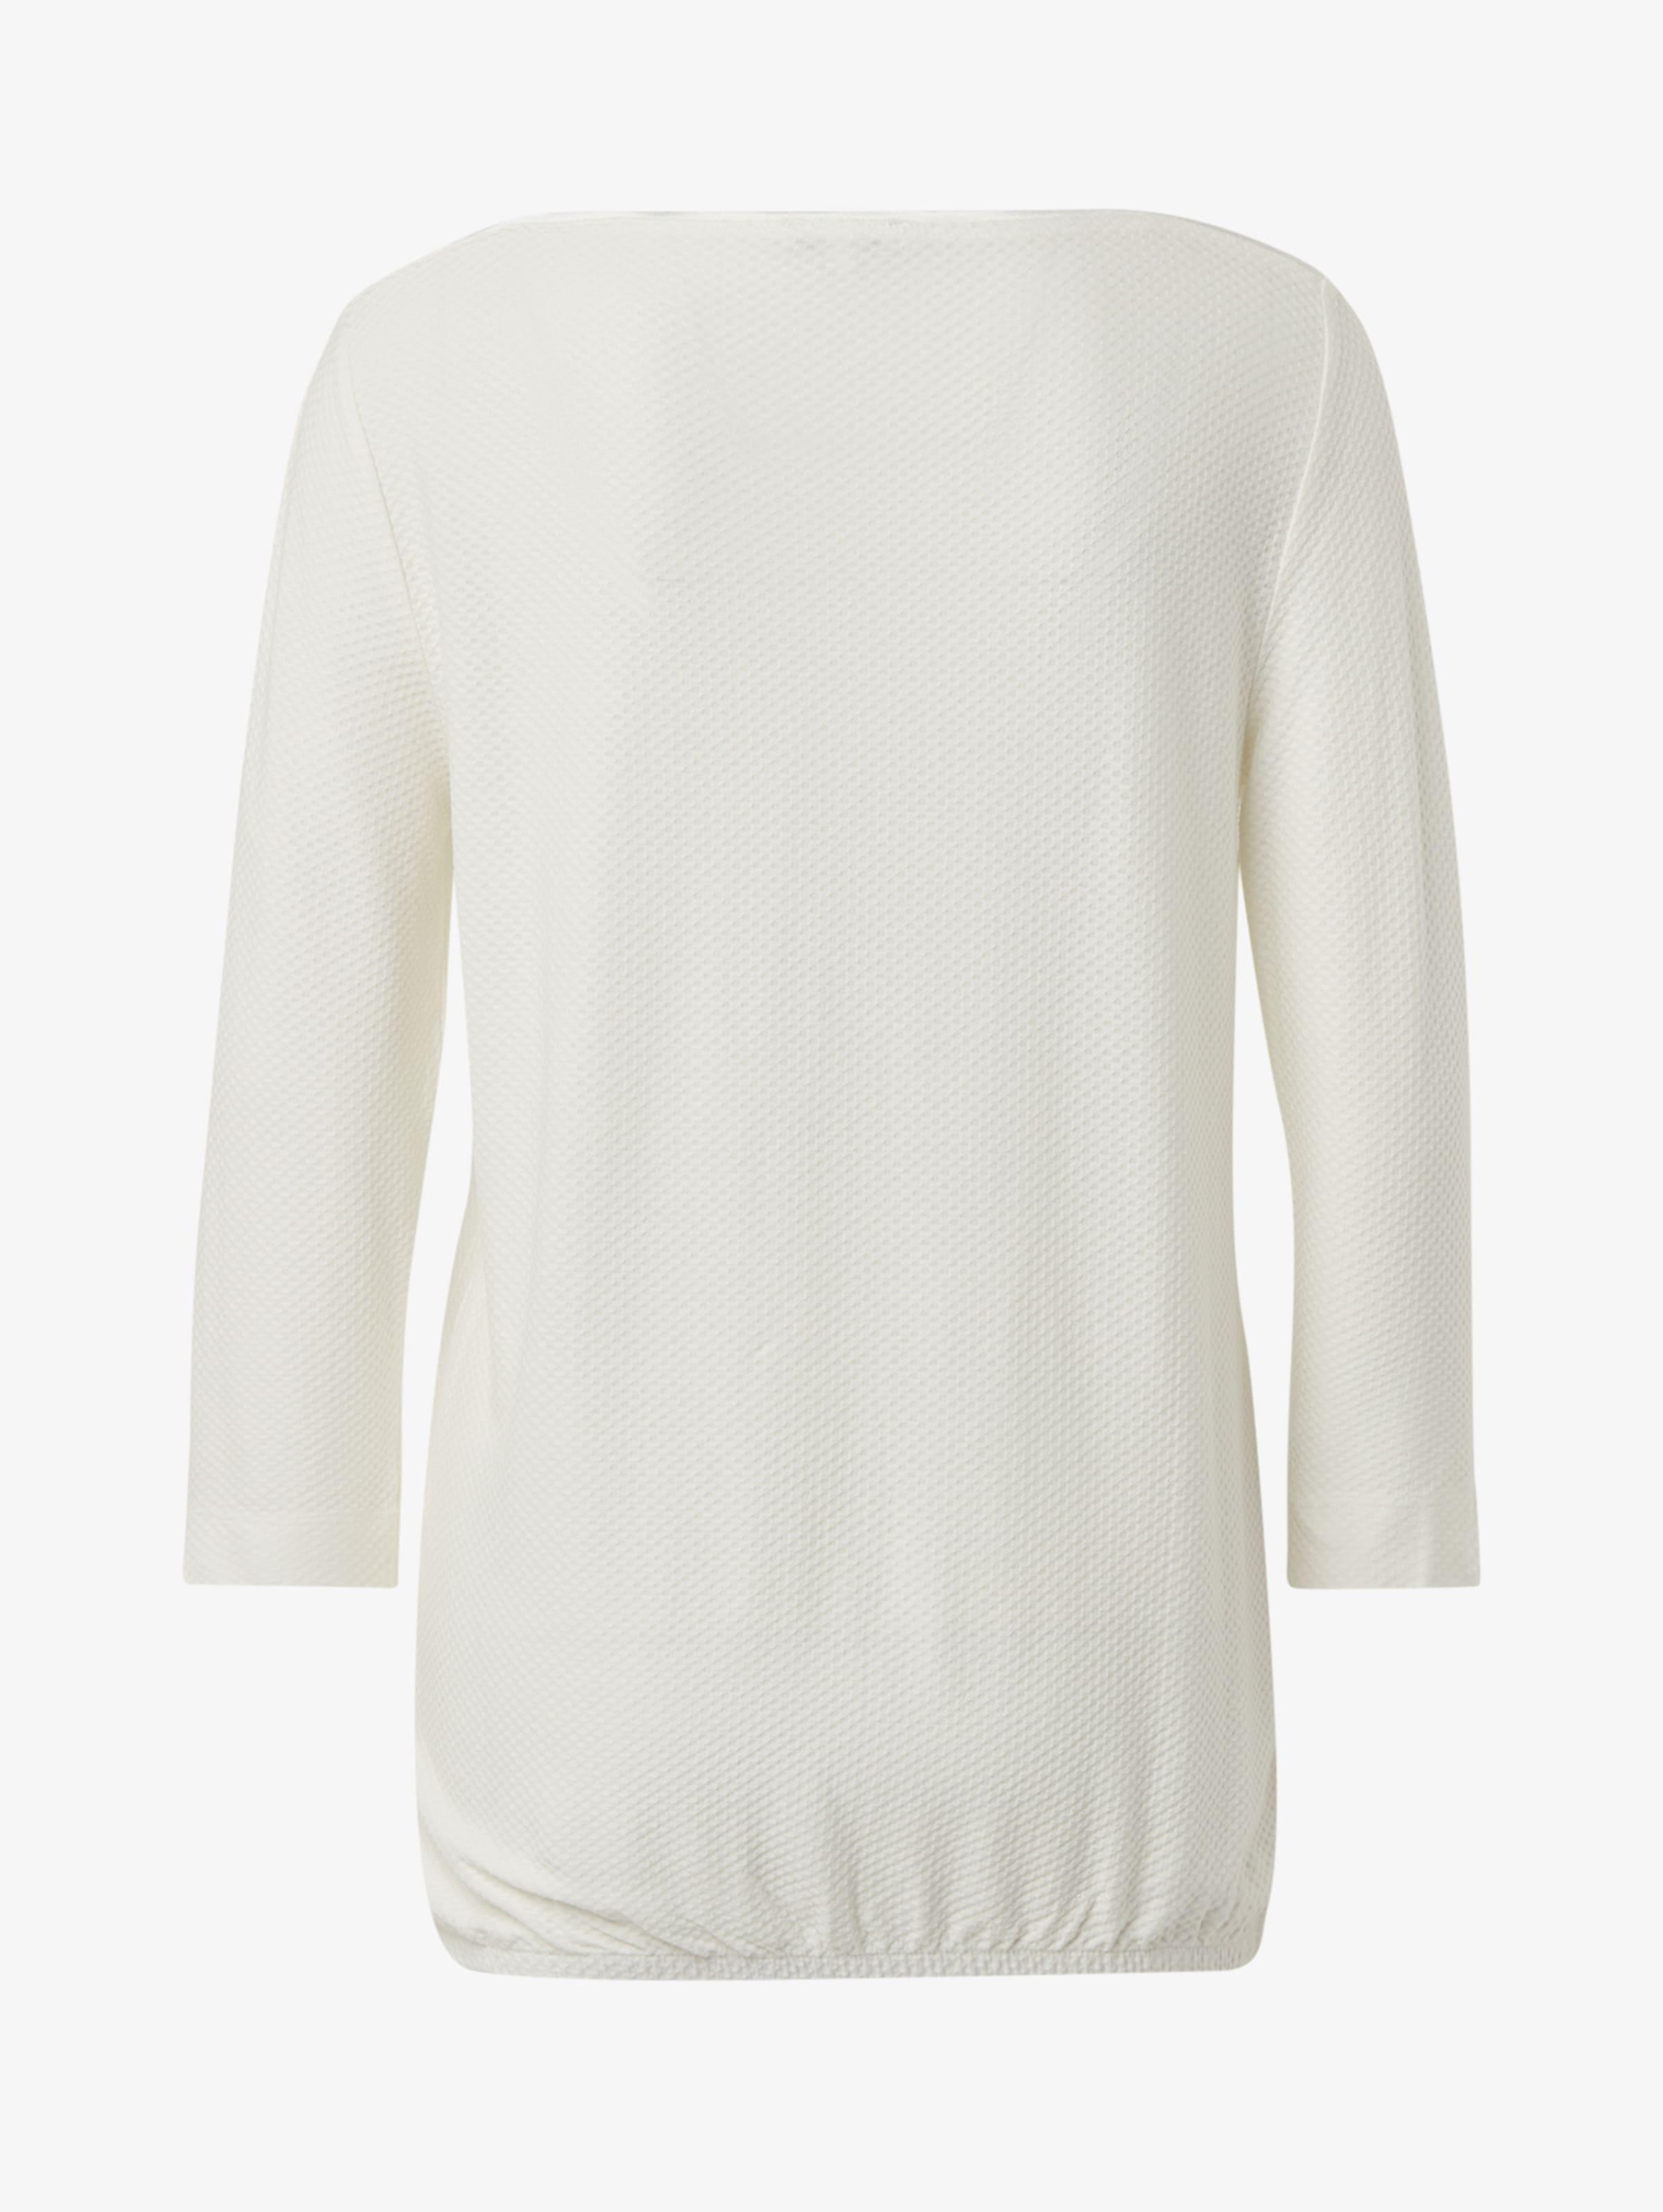 Shirt Offwhite Tailor Tom Tailor Shirt Tom In zVGpLqSjMU